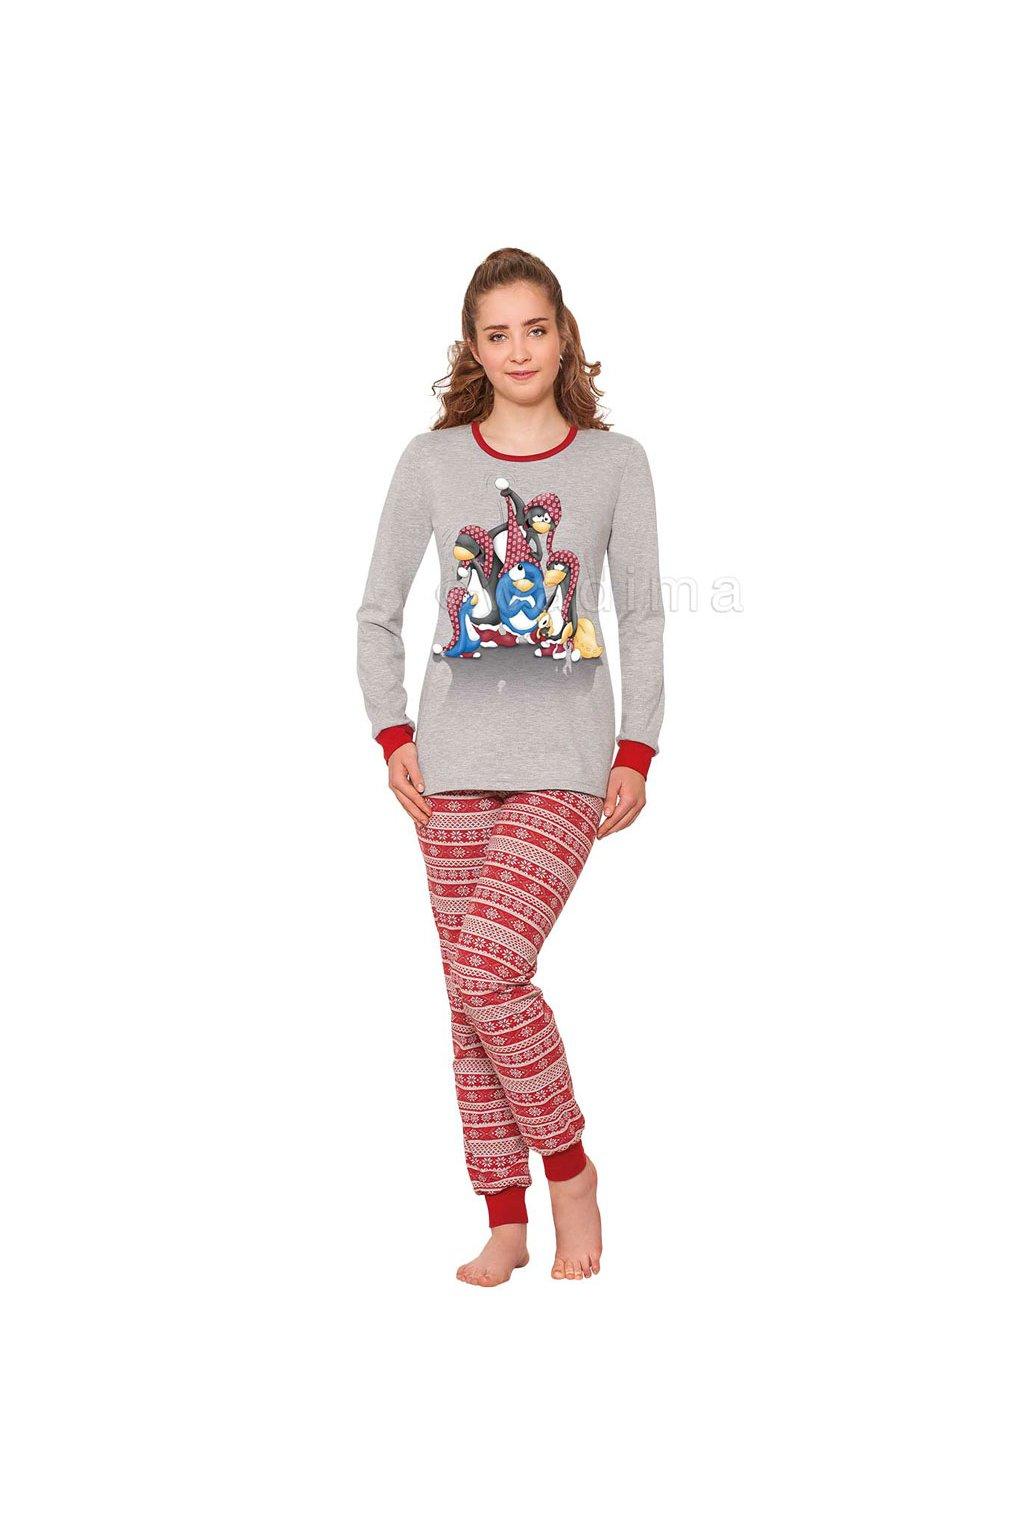 Dívčí pyžamo YOUNG FASHION s dlouhým rukávem, 70449 819, šedá/červená